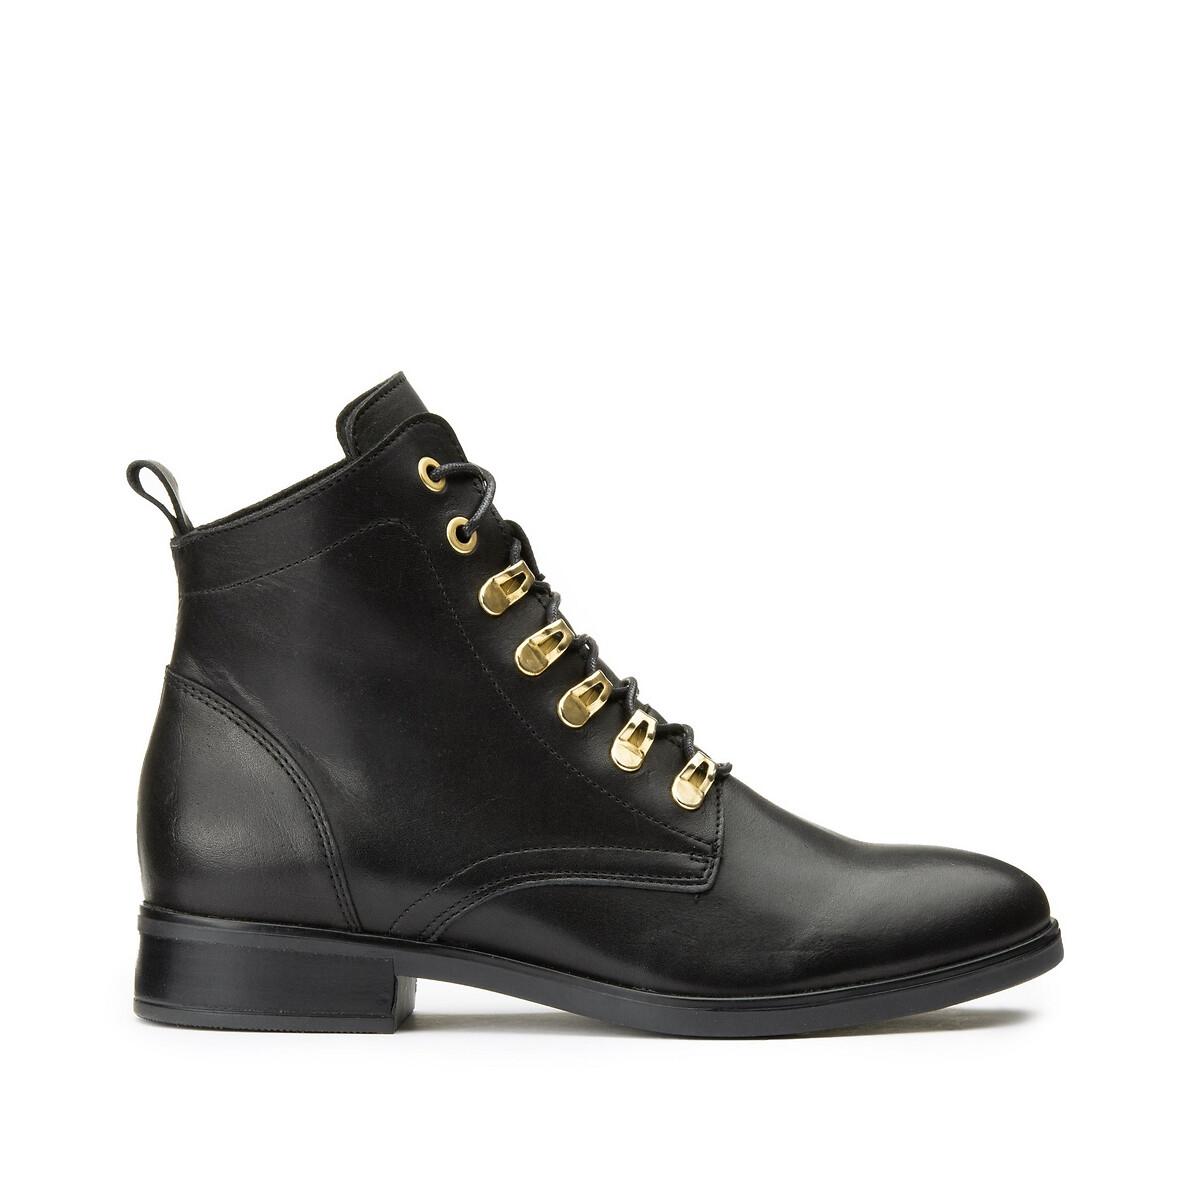 Ботинки LaRedoute Кожаные на шнуровке 42 черный кеды laredoute кожаные на шнуровке v10 40 белый